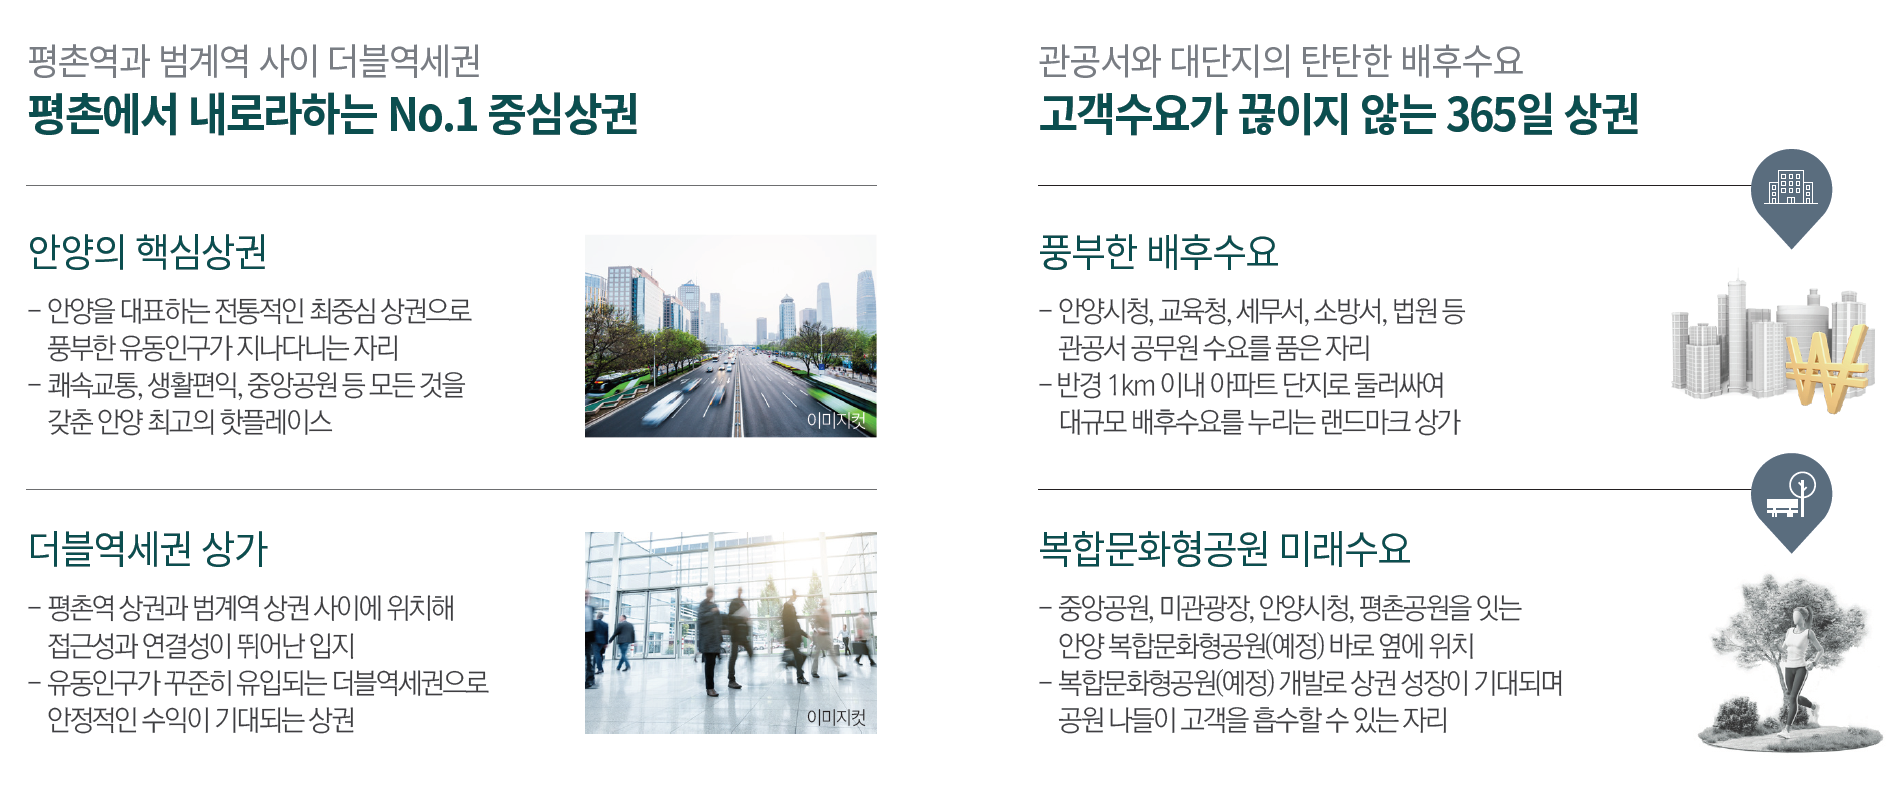 평촌푸르지오센트럴파크